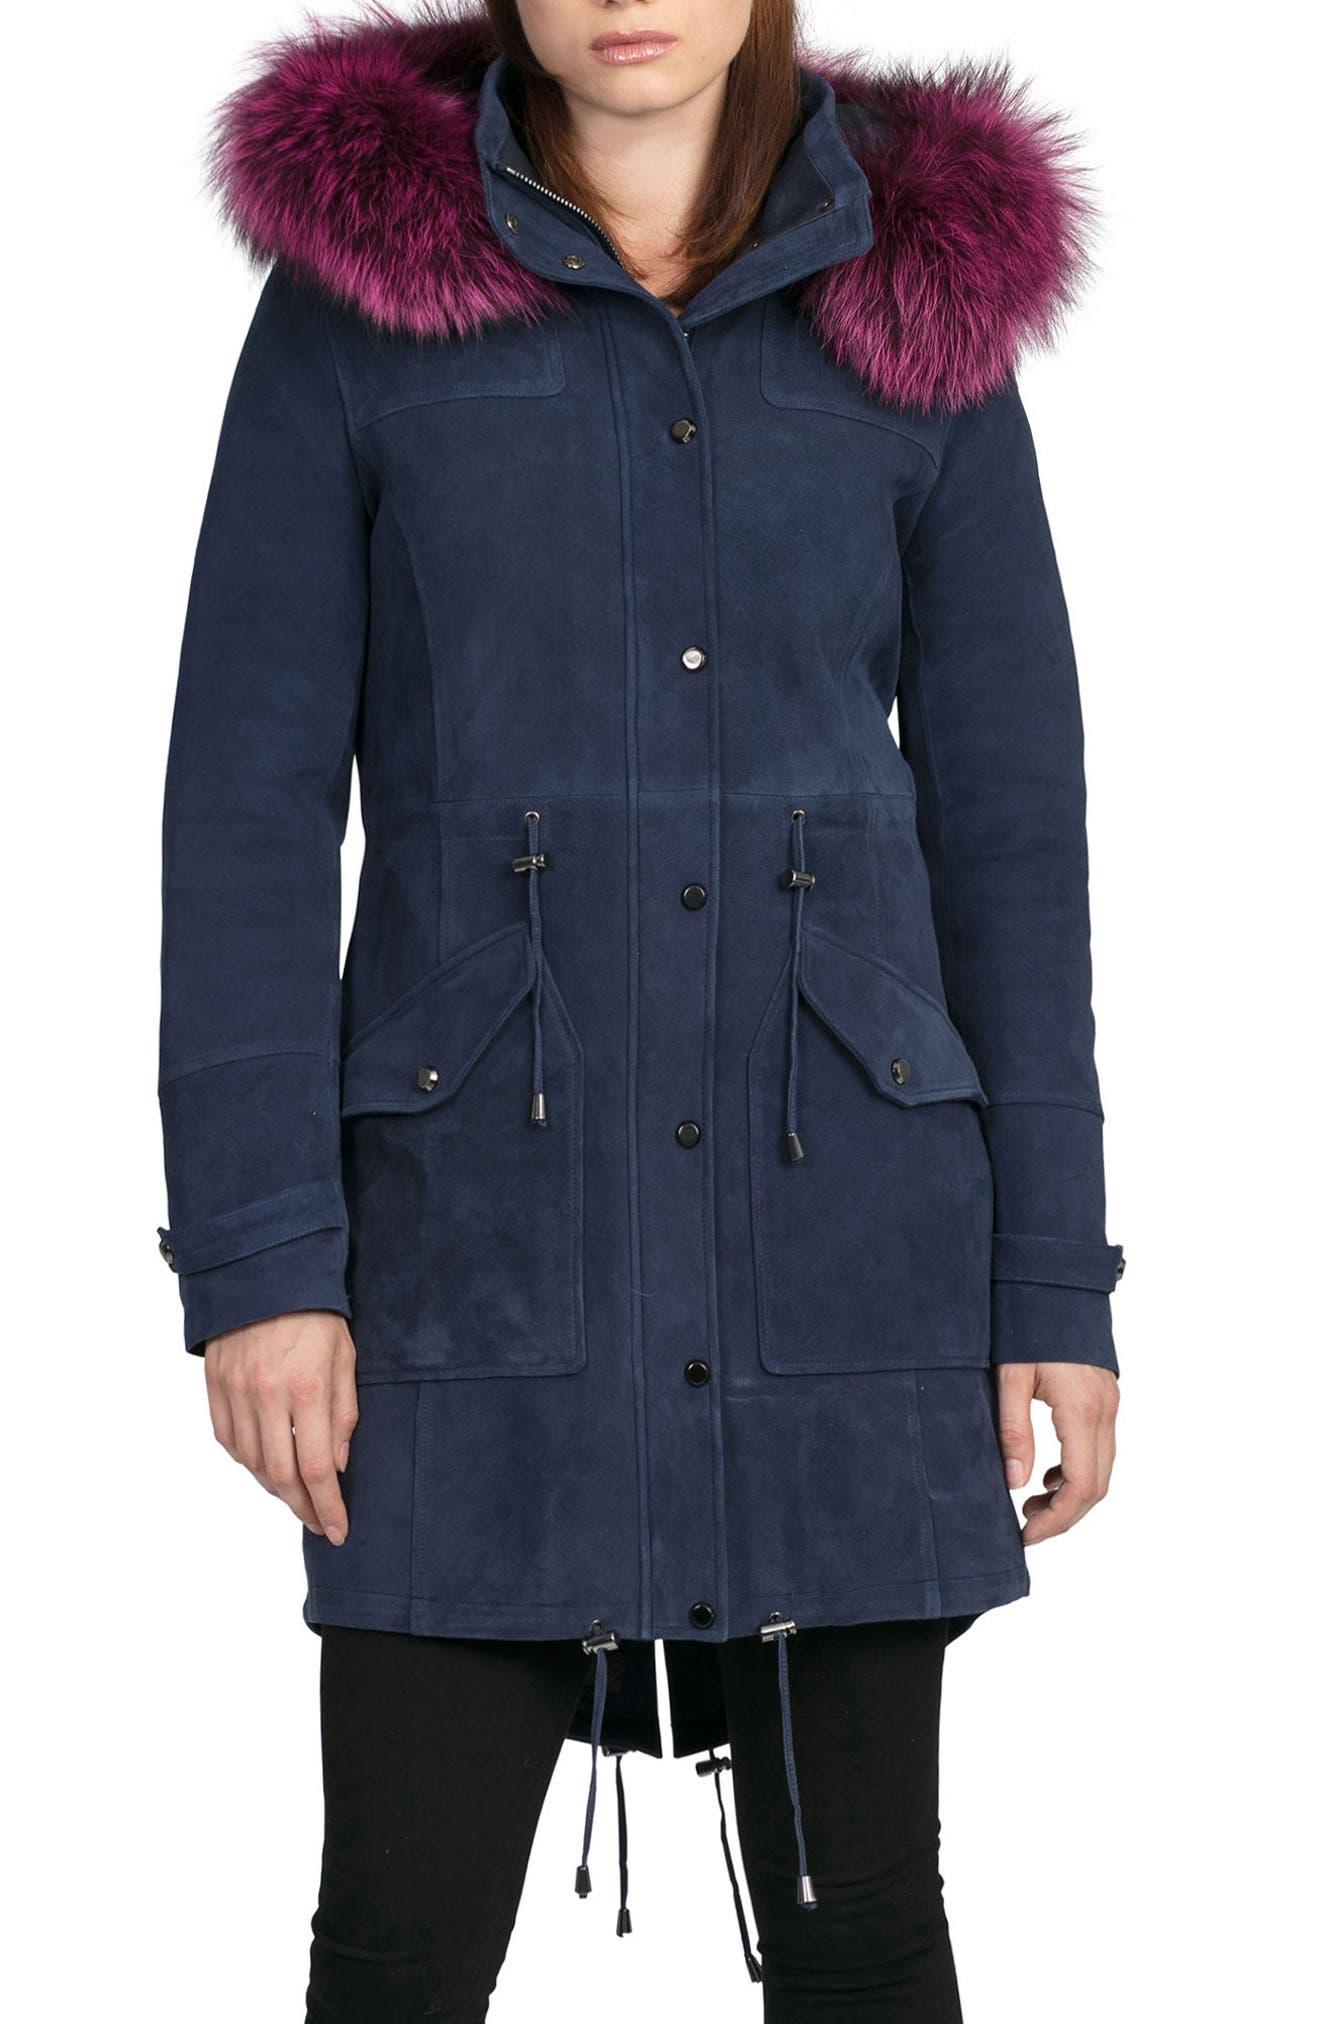 BAGATELLE.CITY The Parka Suede Coat with Genuine Fox Fur Trim,                         Main,                         color, 402